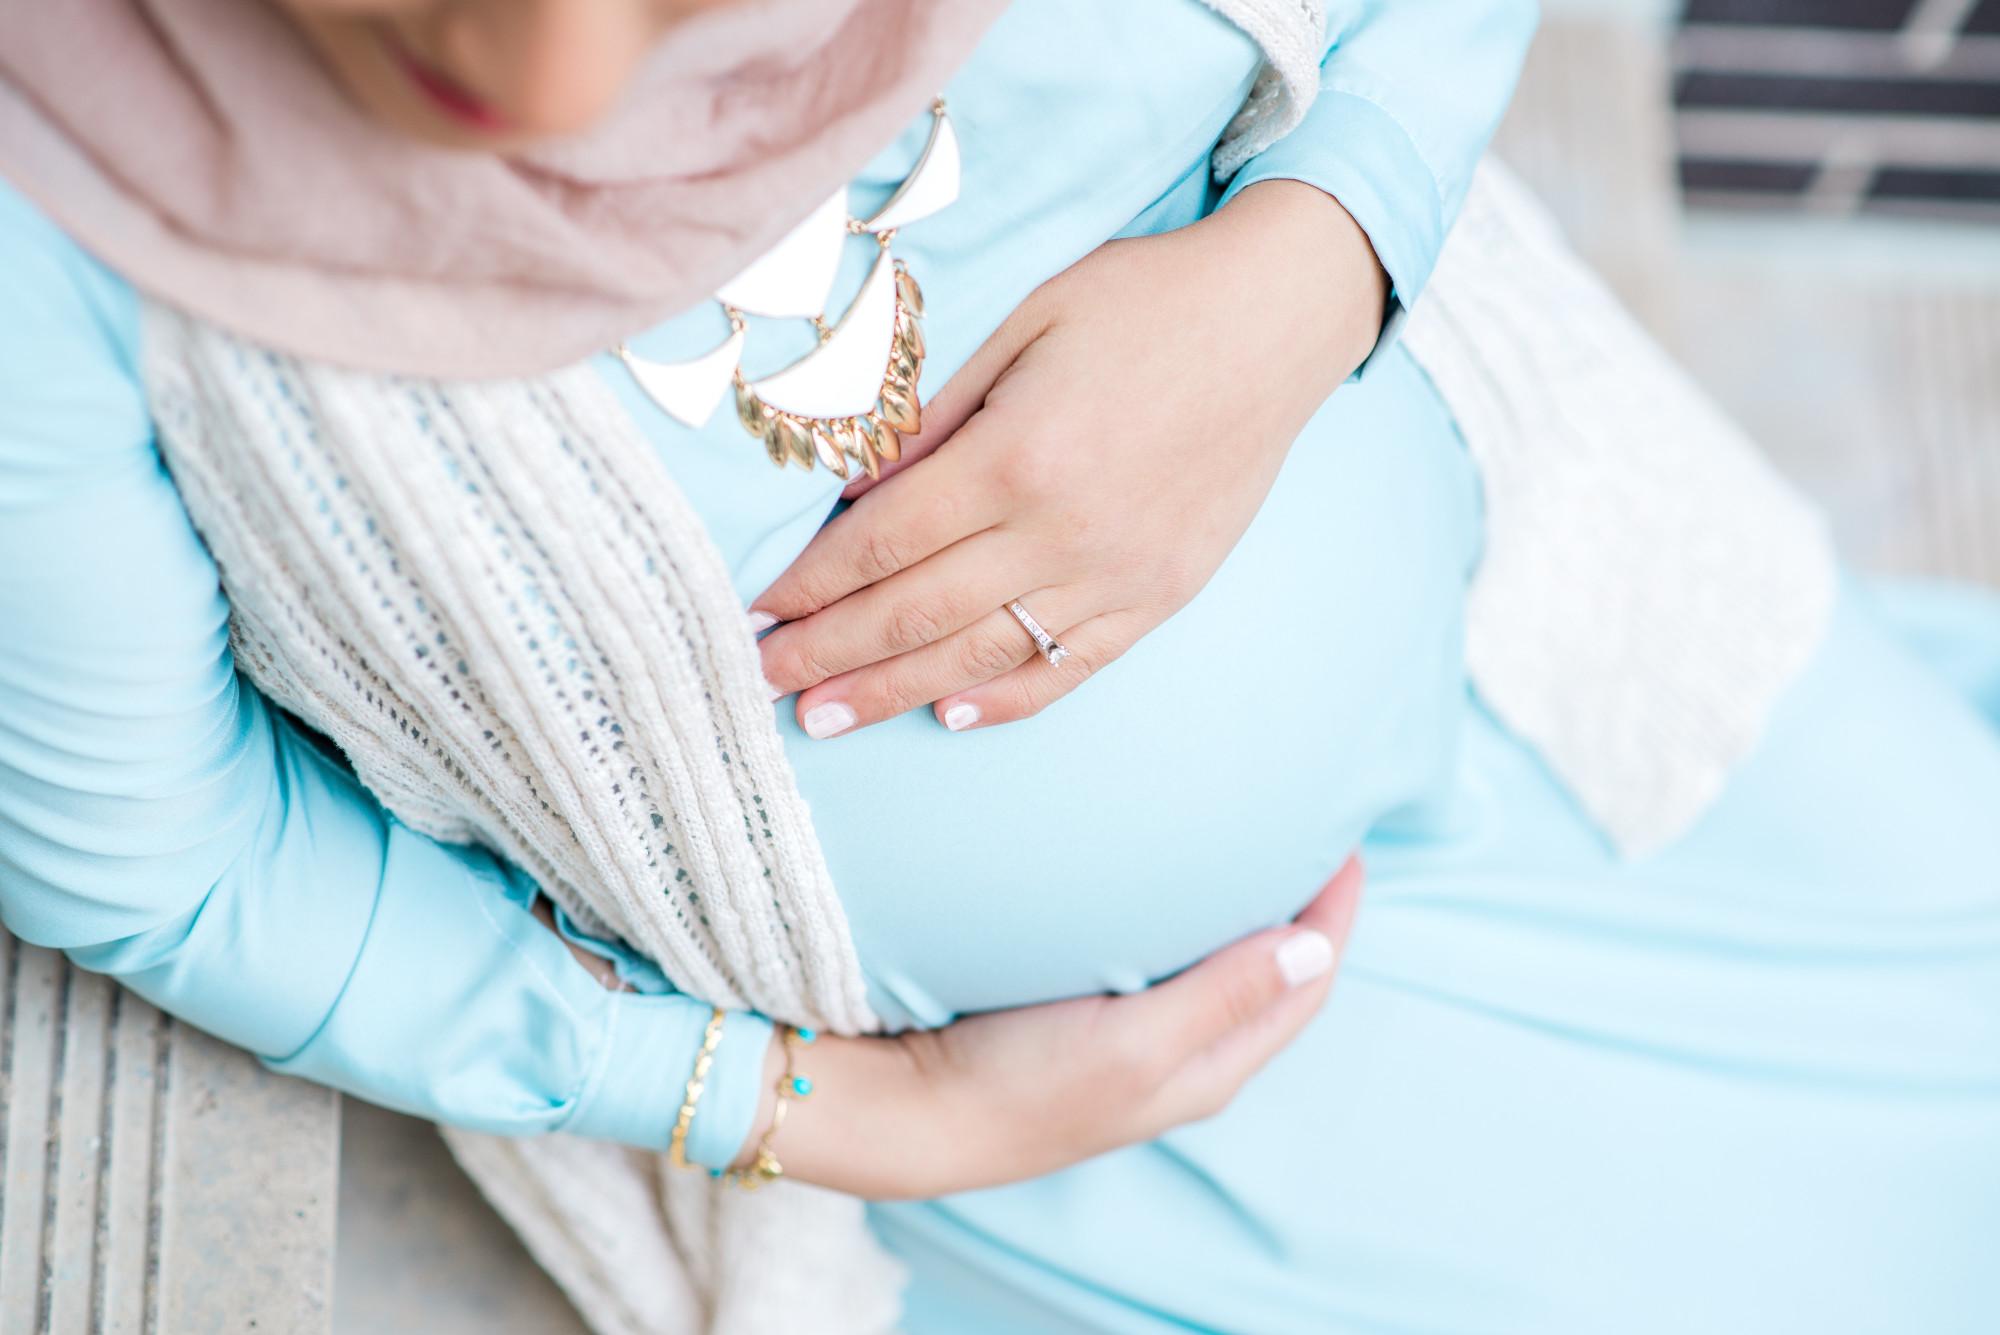 045_MaternityPhoto_Hintonburg_OttawaBabyShower_Boho_PhotosbyEmmah.jpg